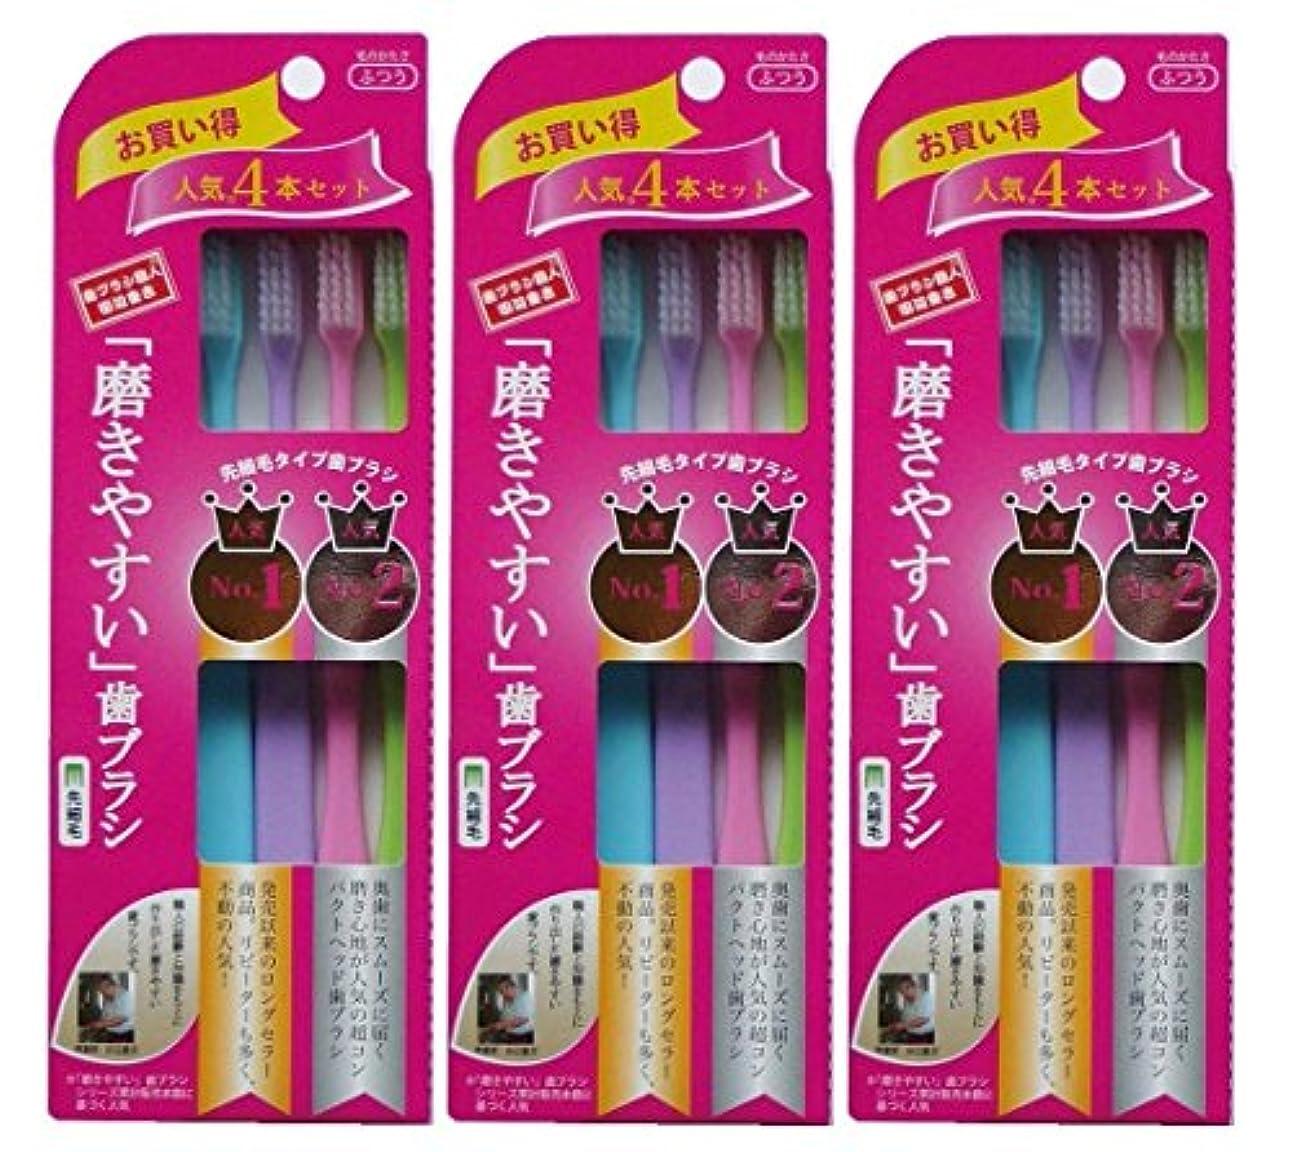 フェロー諸島負担影響力のある磨きやすい歯ブラシ 人気 No.1 No.2 先細毛 LT-21 4本組×3個セット